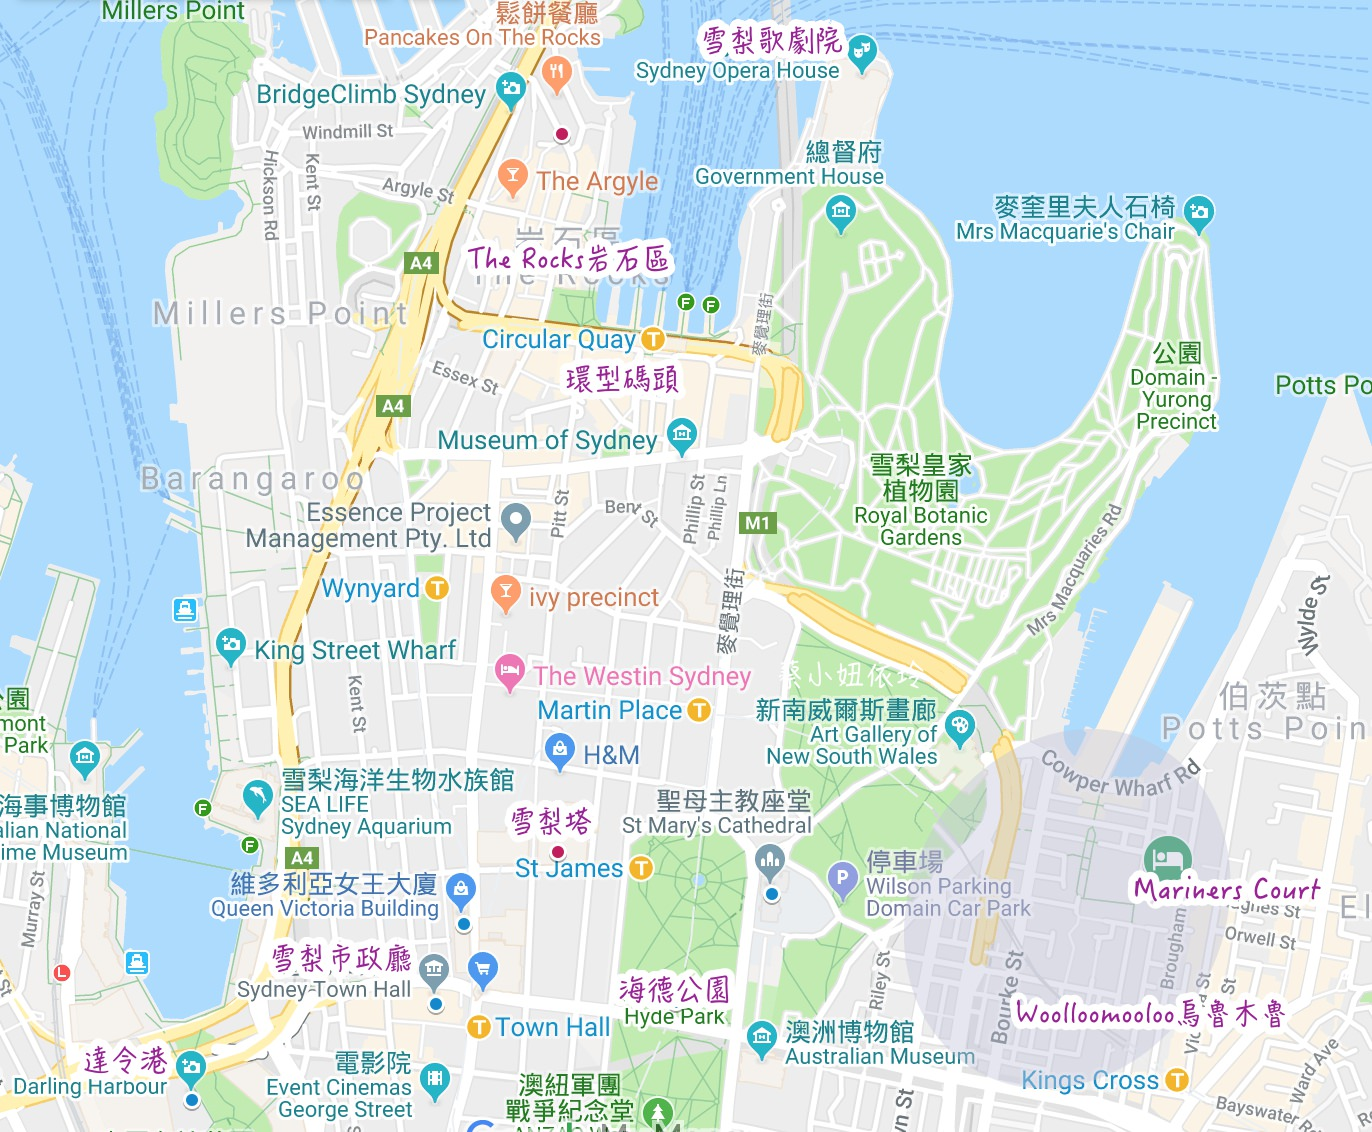 澳洲雪梨住宿推薦 Mariners Court Hotel 烏魯木魯區平價飯店